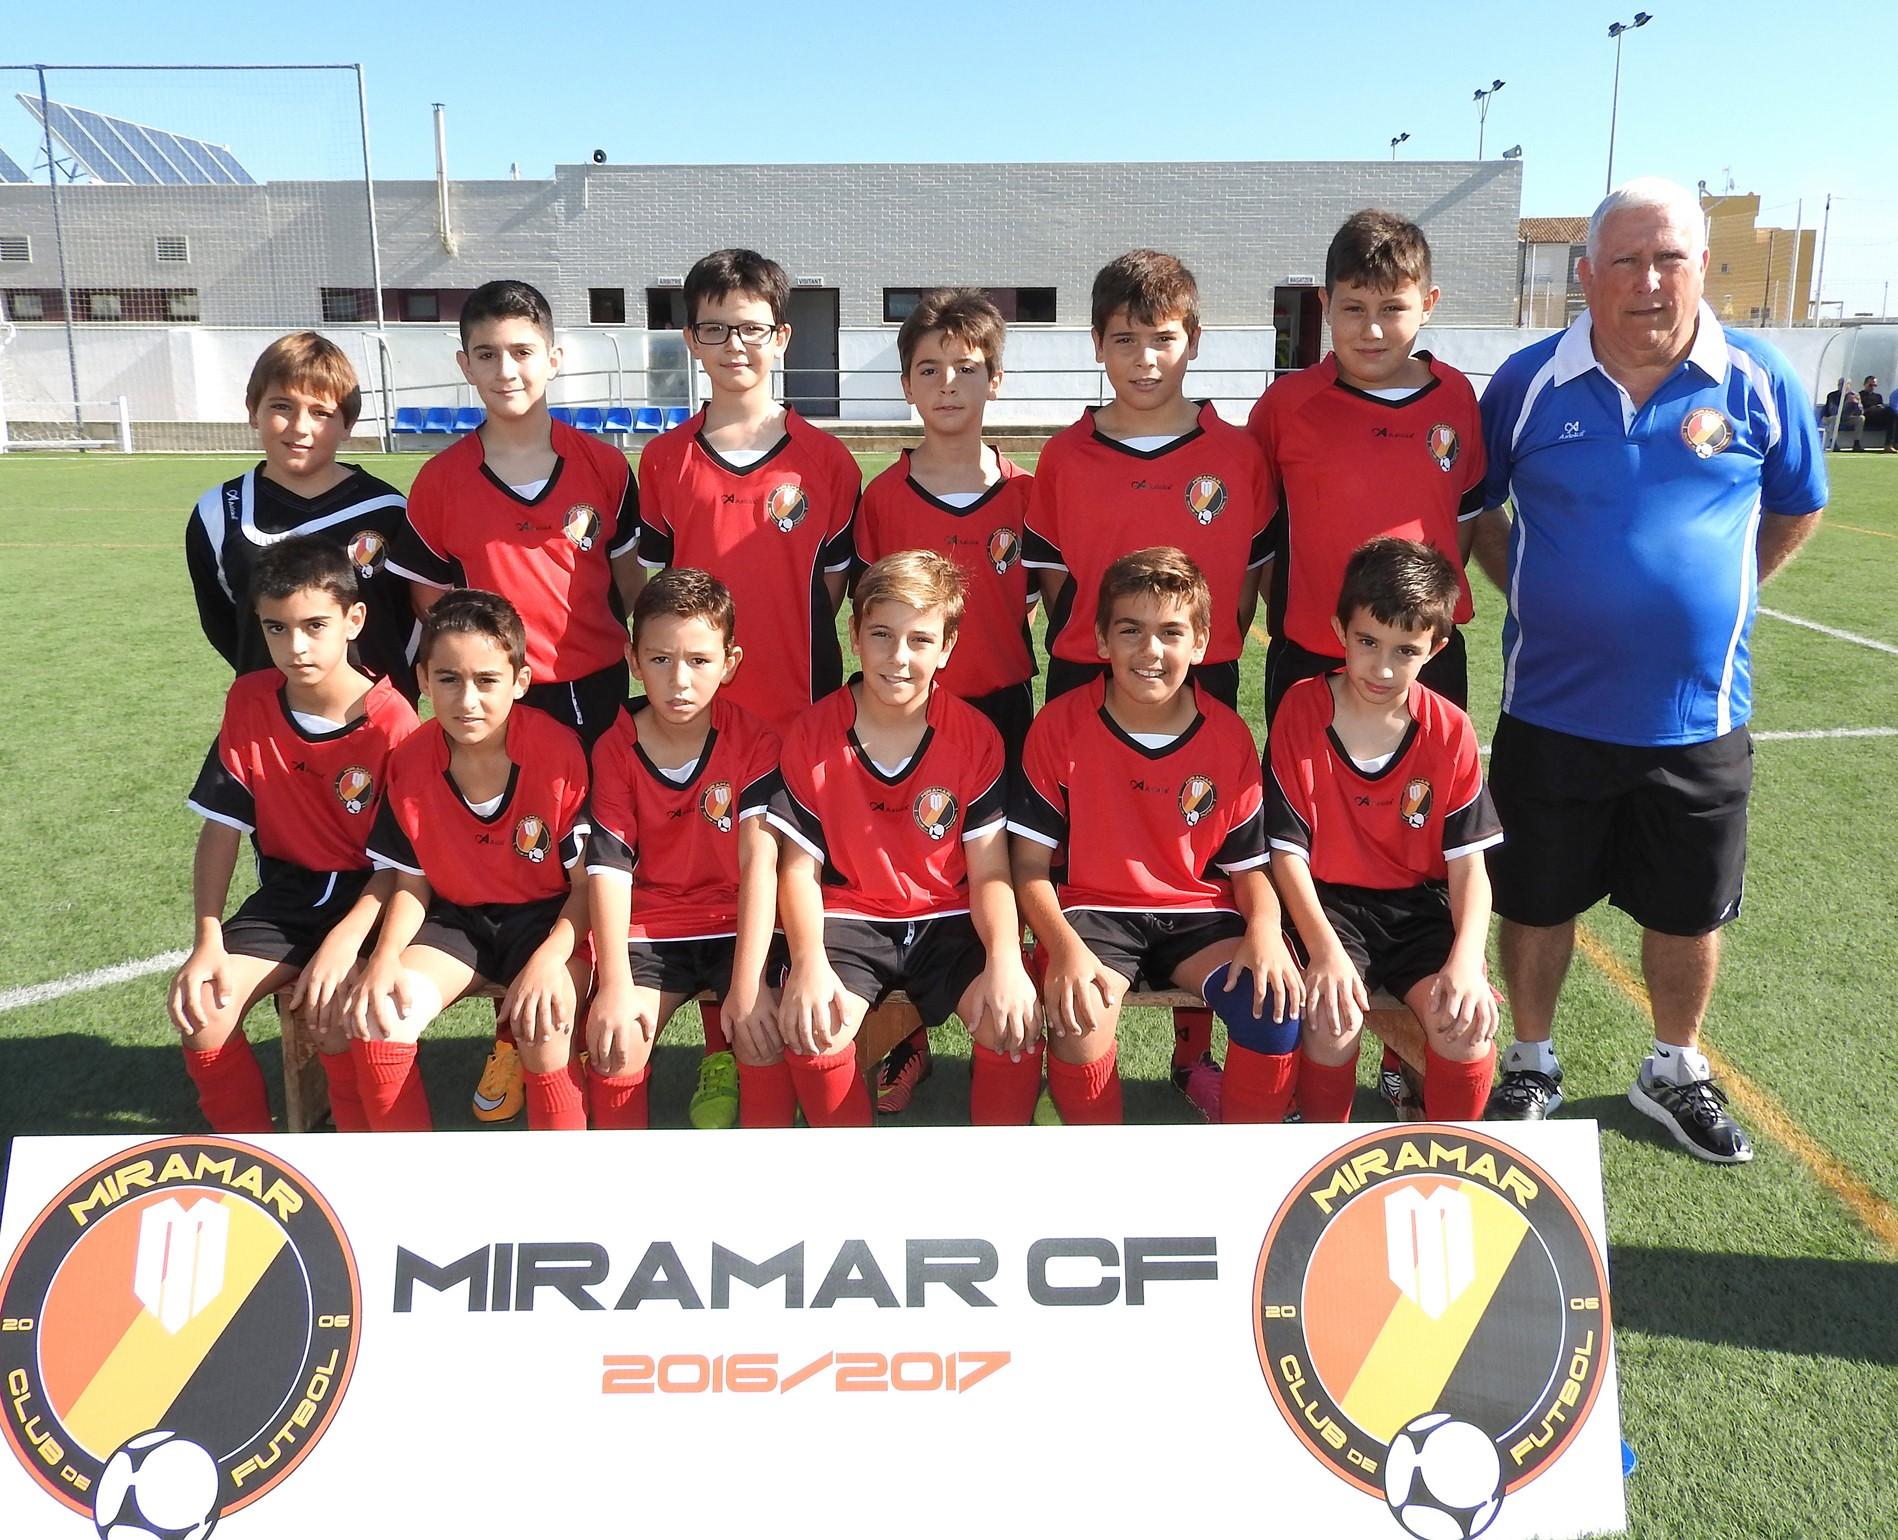 Presentació CF Miramar 2016/2017